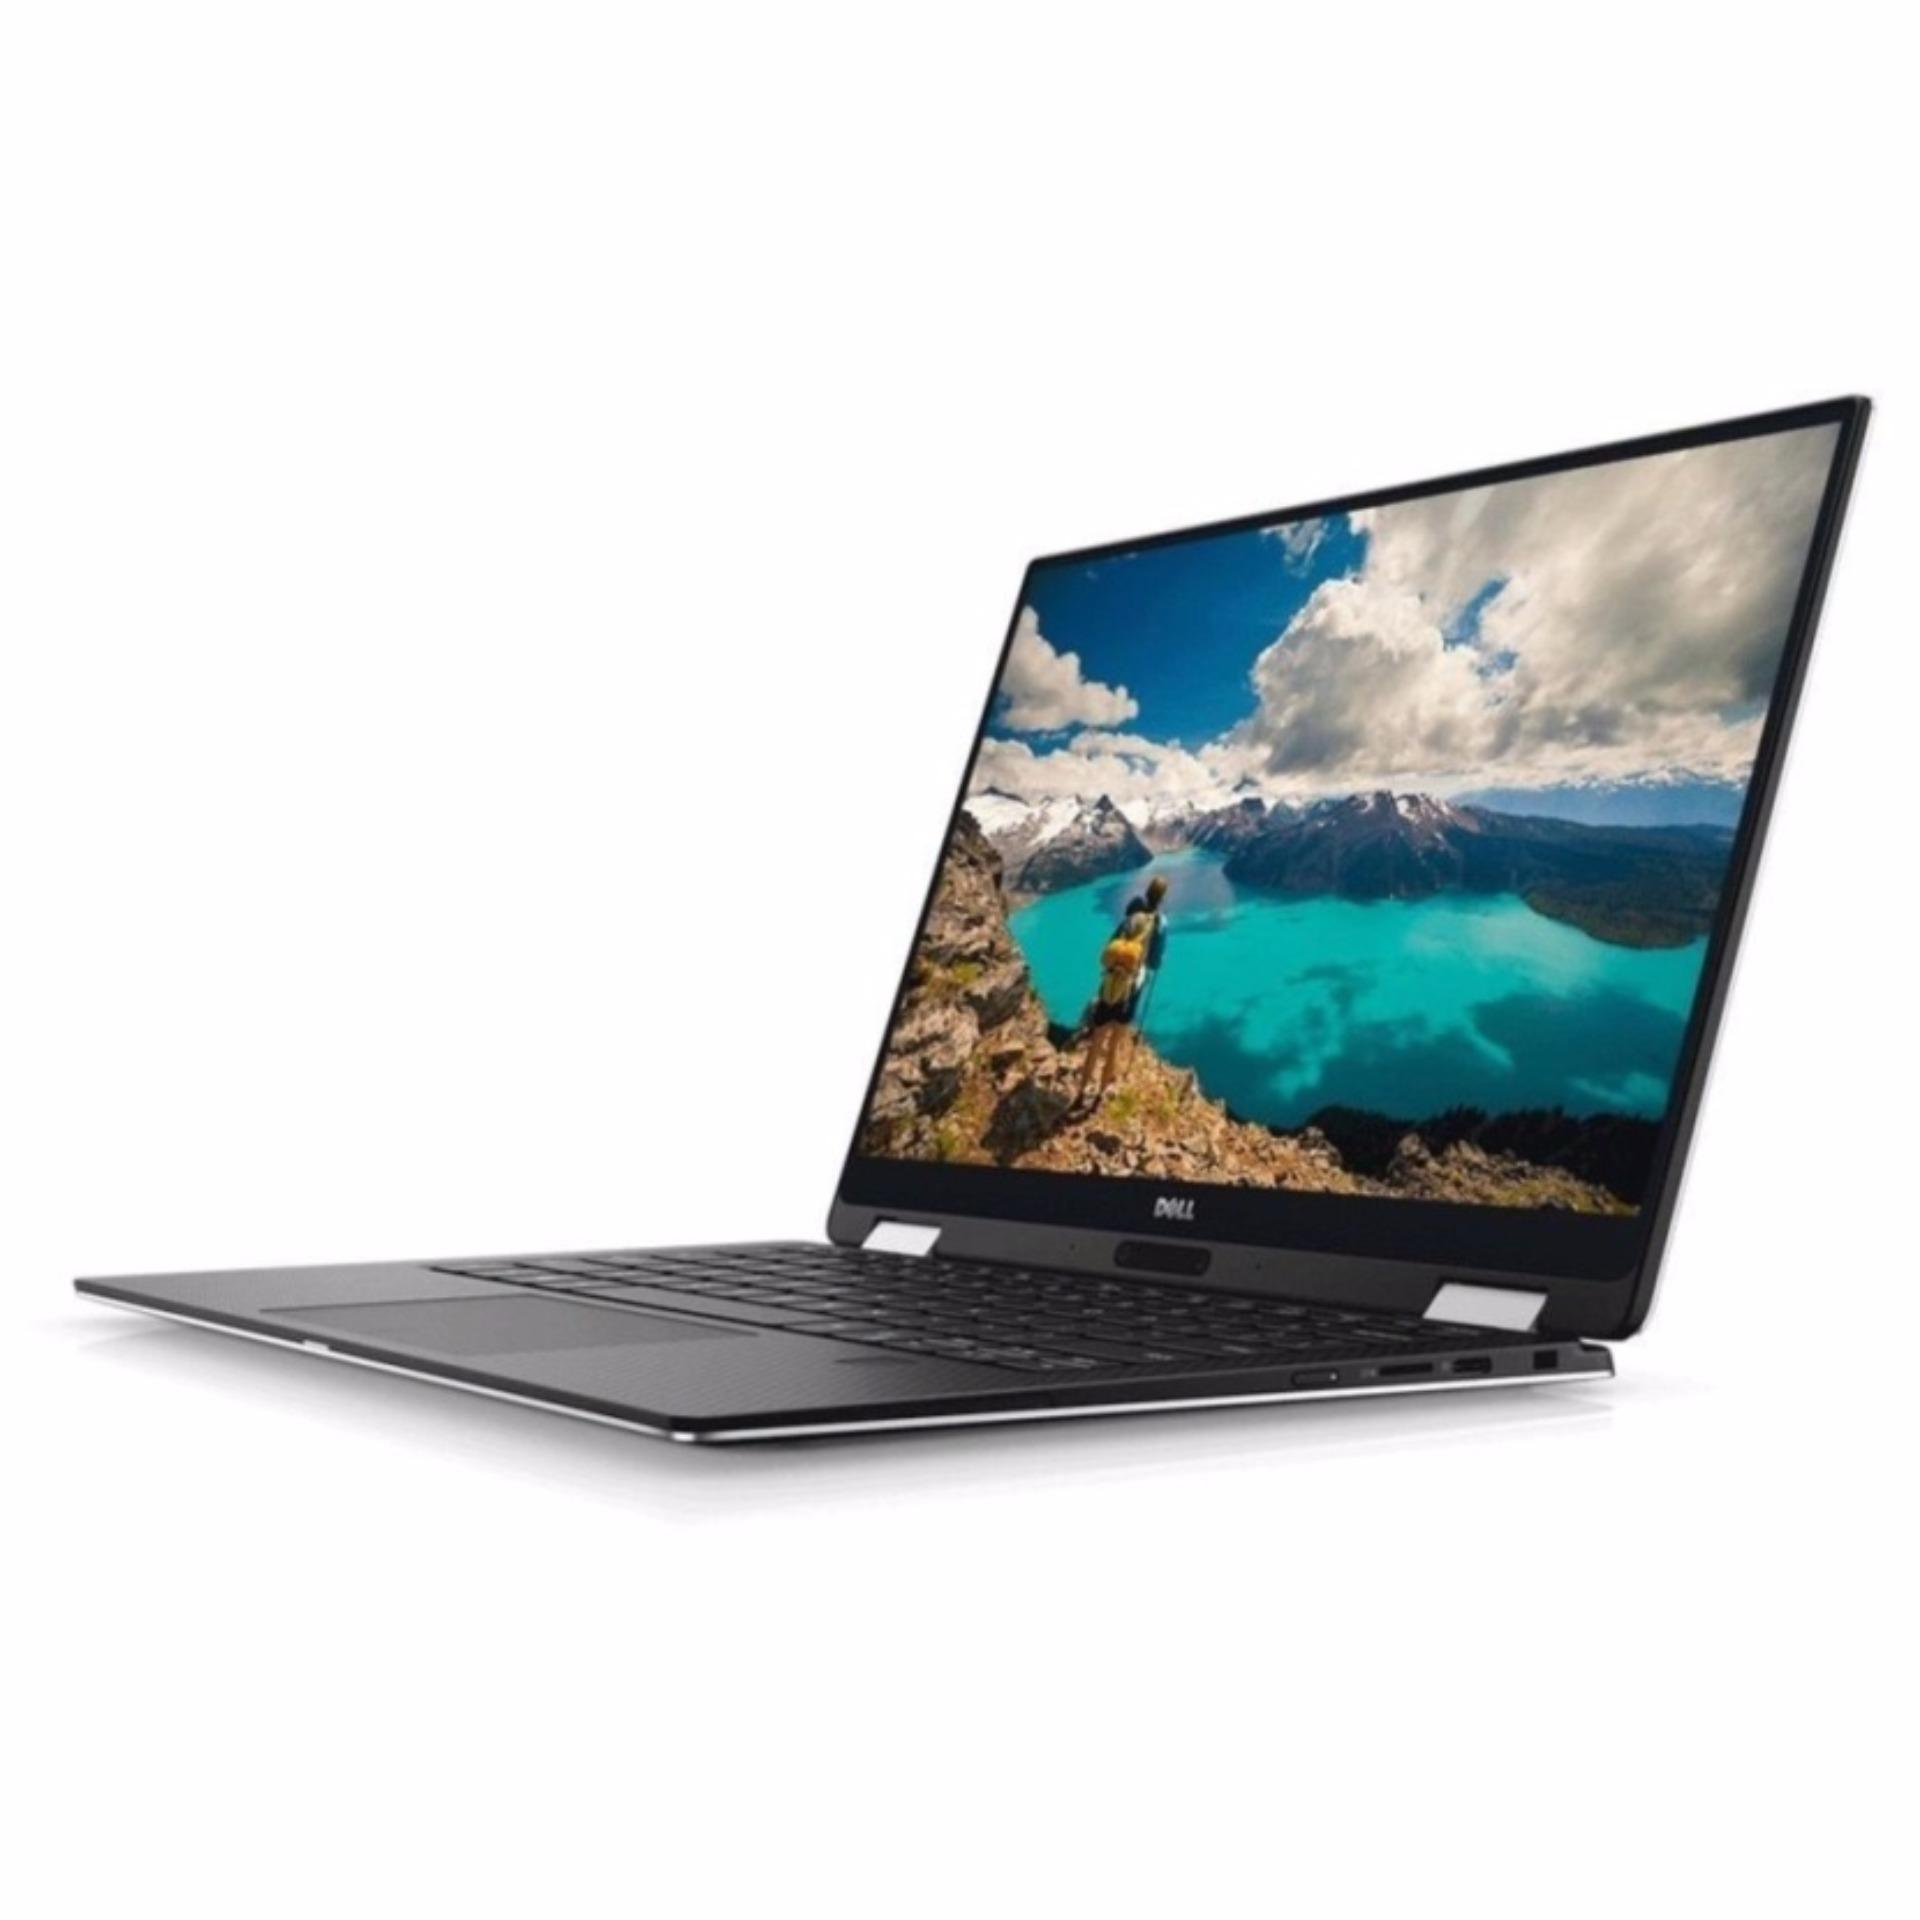 Dell XPS 13 (9365) 2-in-1 Hybrid Laptop – 9365-57Y82SG (7th Gen Intel i5, 8GB, 256 SSD)